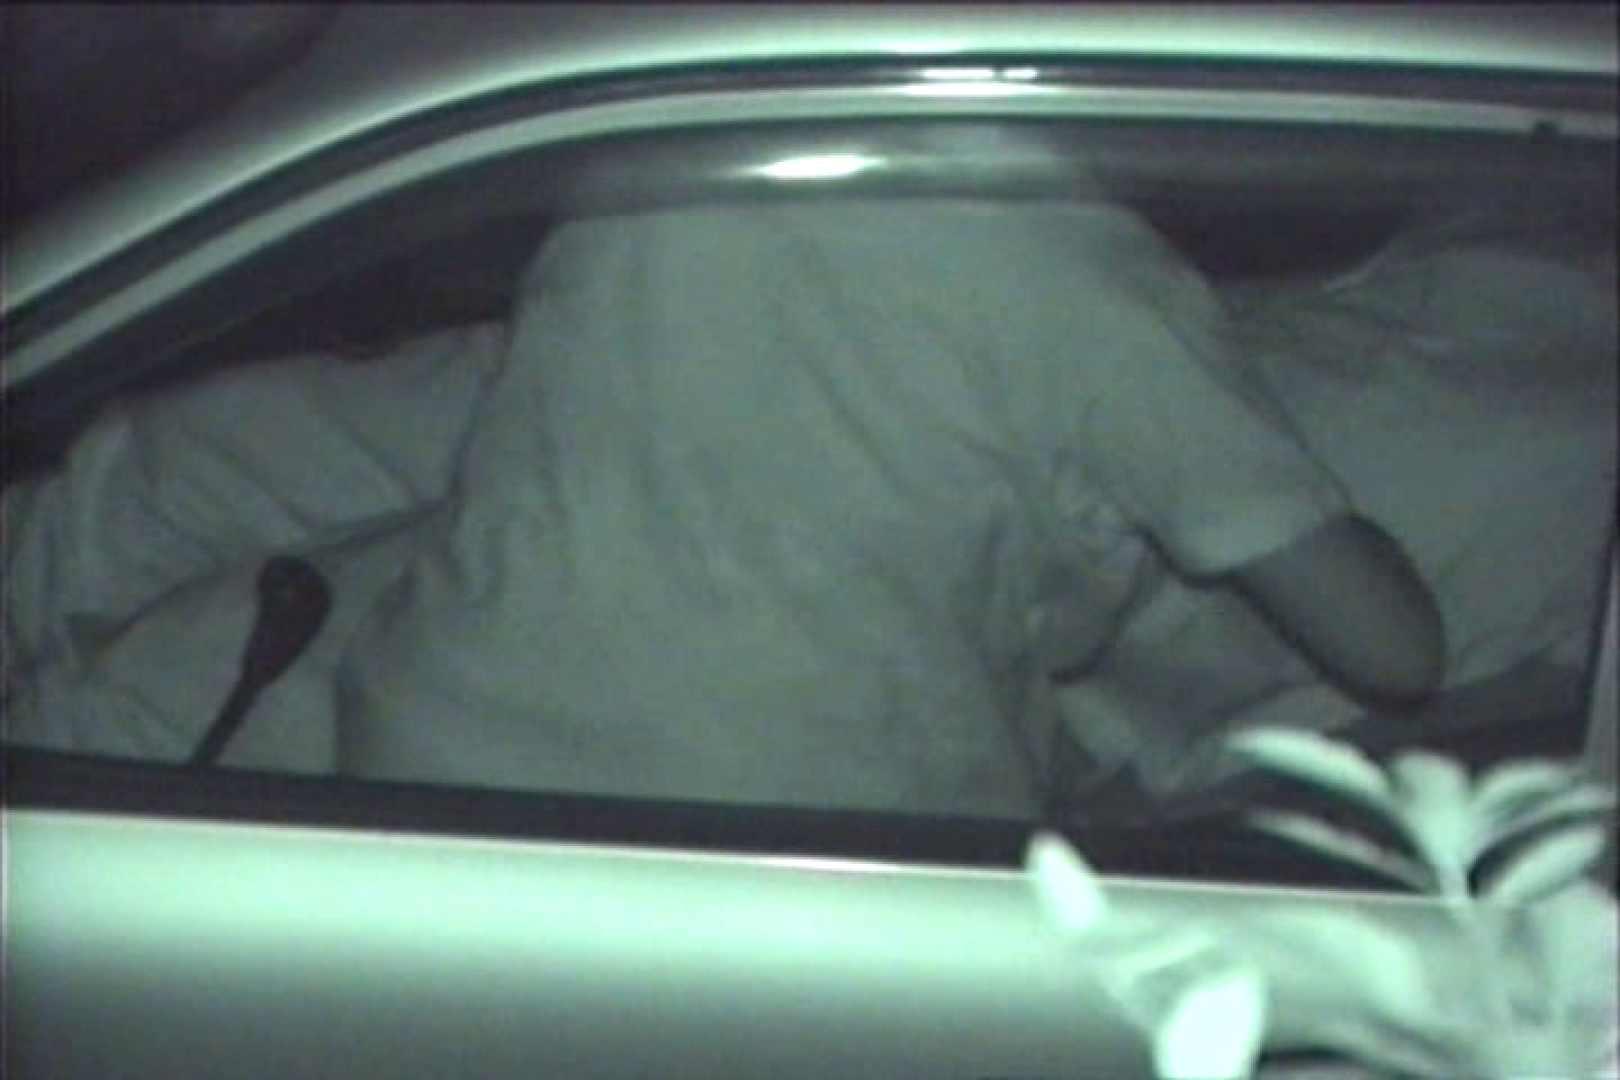 車の中はラブホテル 無修正版  Vol.18 ホテル隠し撮り オマンコ動画キャプチャ 100pic 5